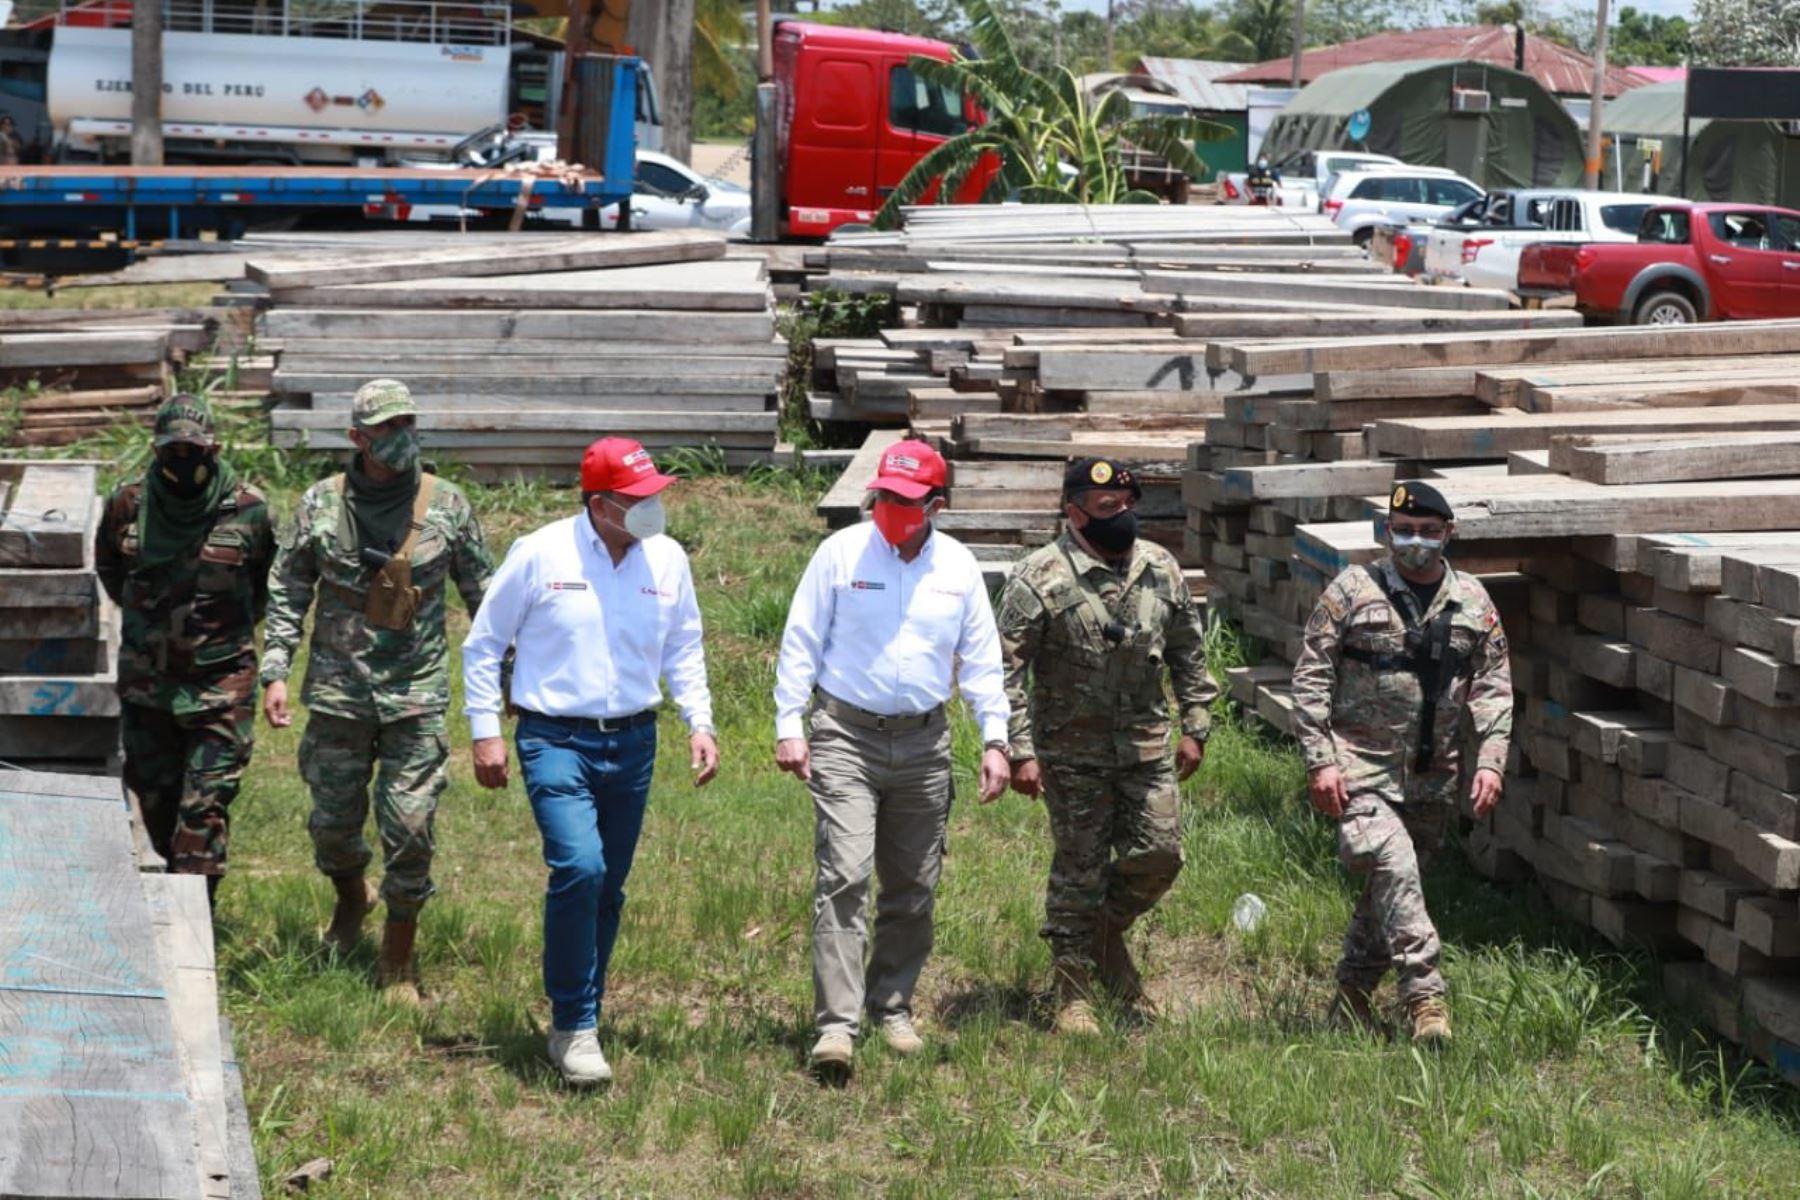 Los ministros de Defensa, Jorge Chávez, y del Interior, César Gentille, supervisaron hoy las acciones de las fuerzas del orden frente a la minería ilegal y otros delitos en la región Madre de Dios. Foto: ANDINA/ Mindef